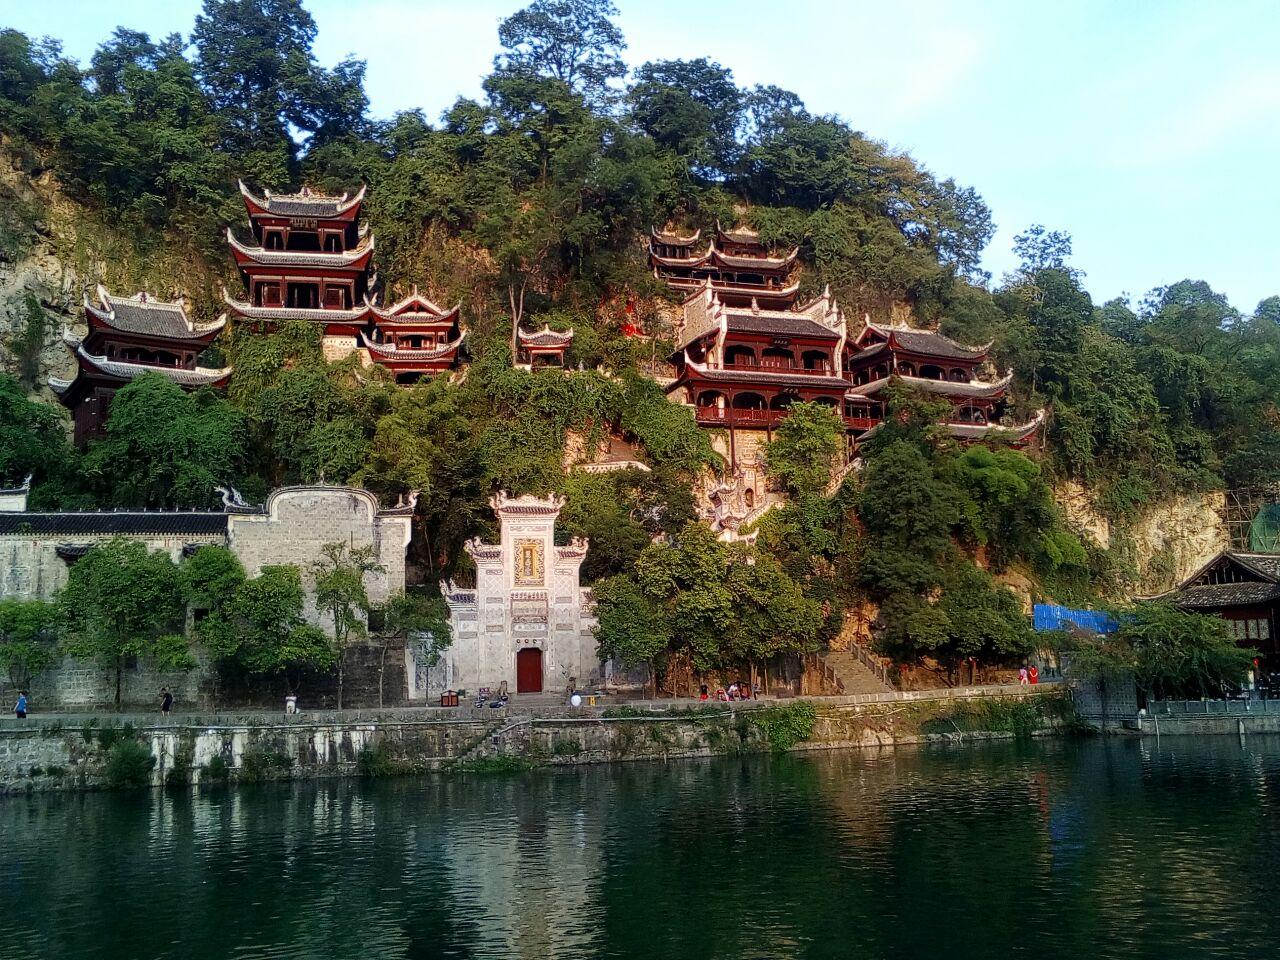 镇远舞阳河风景名胜区好玩吗,镇远舞阳河风景名胜区样